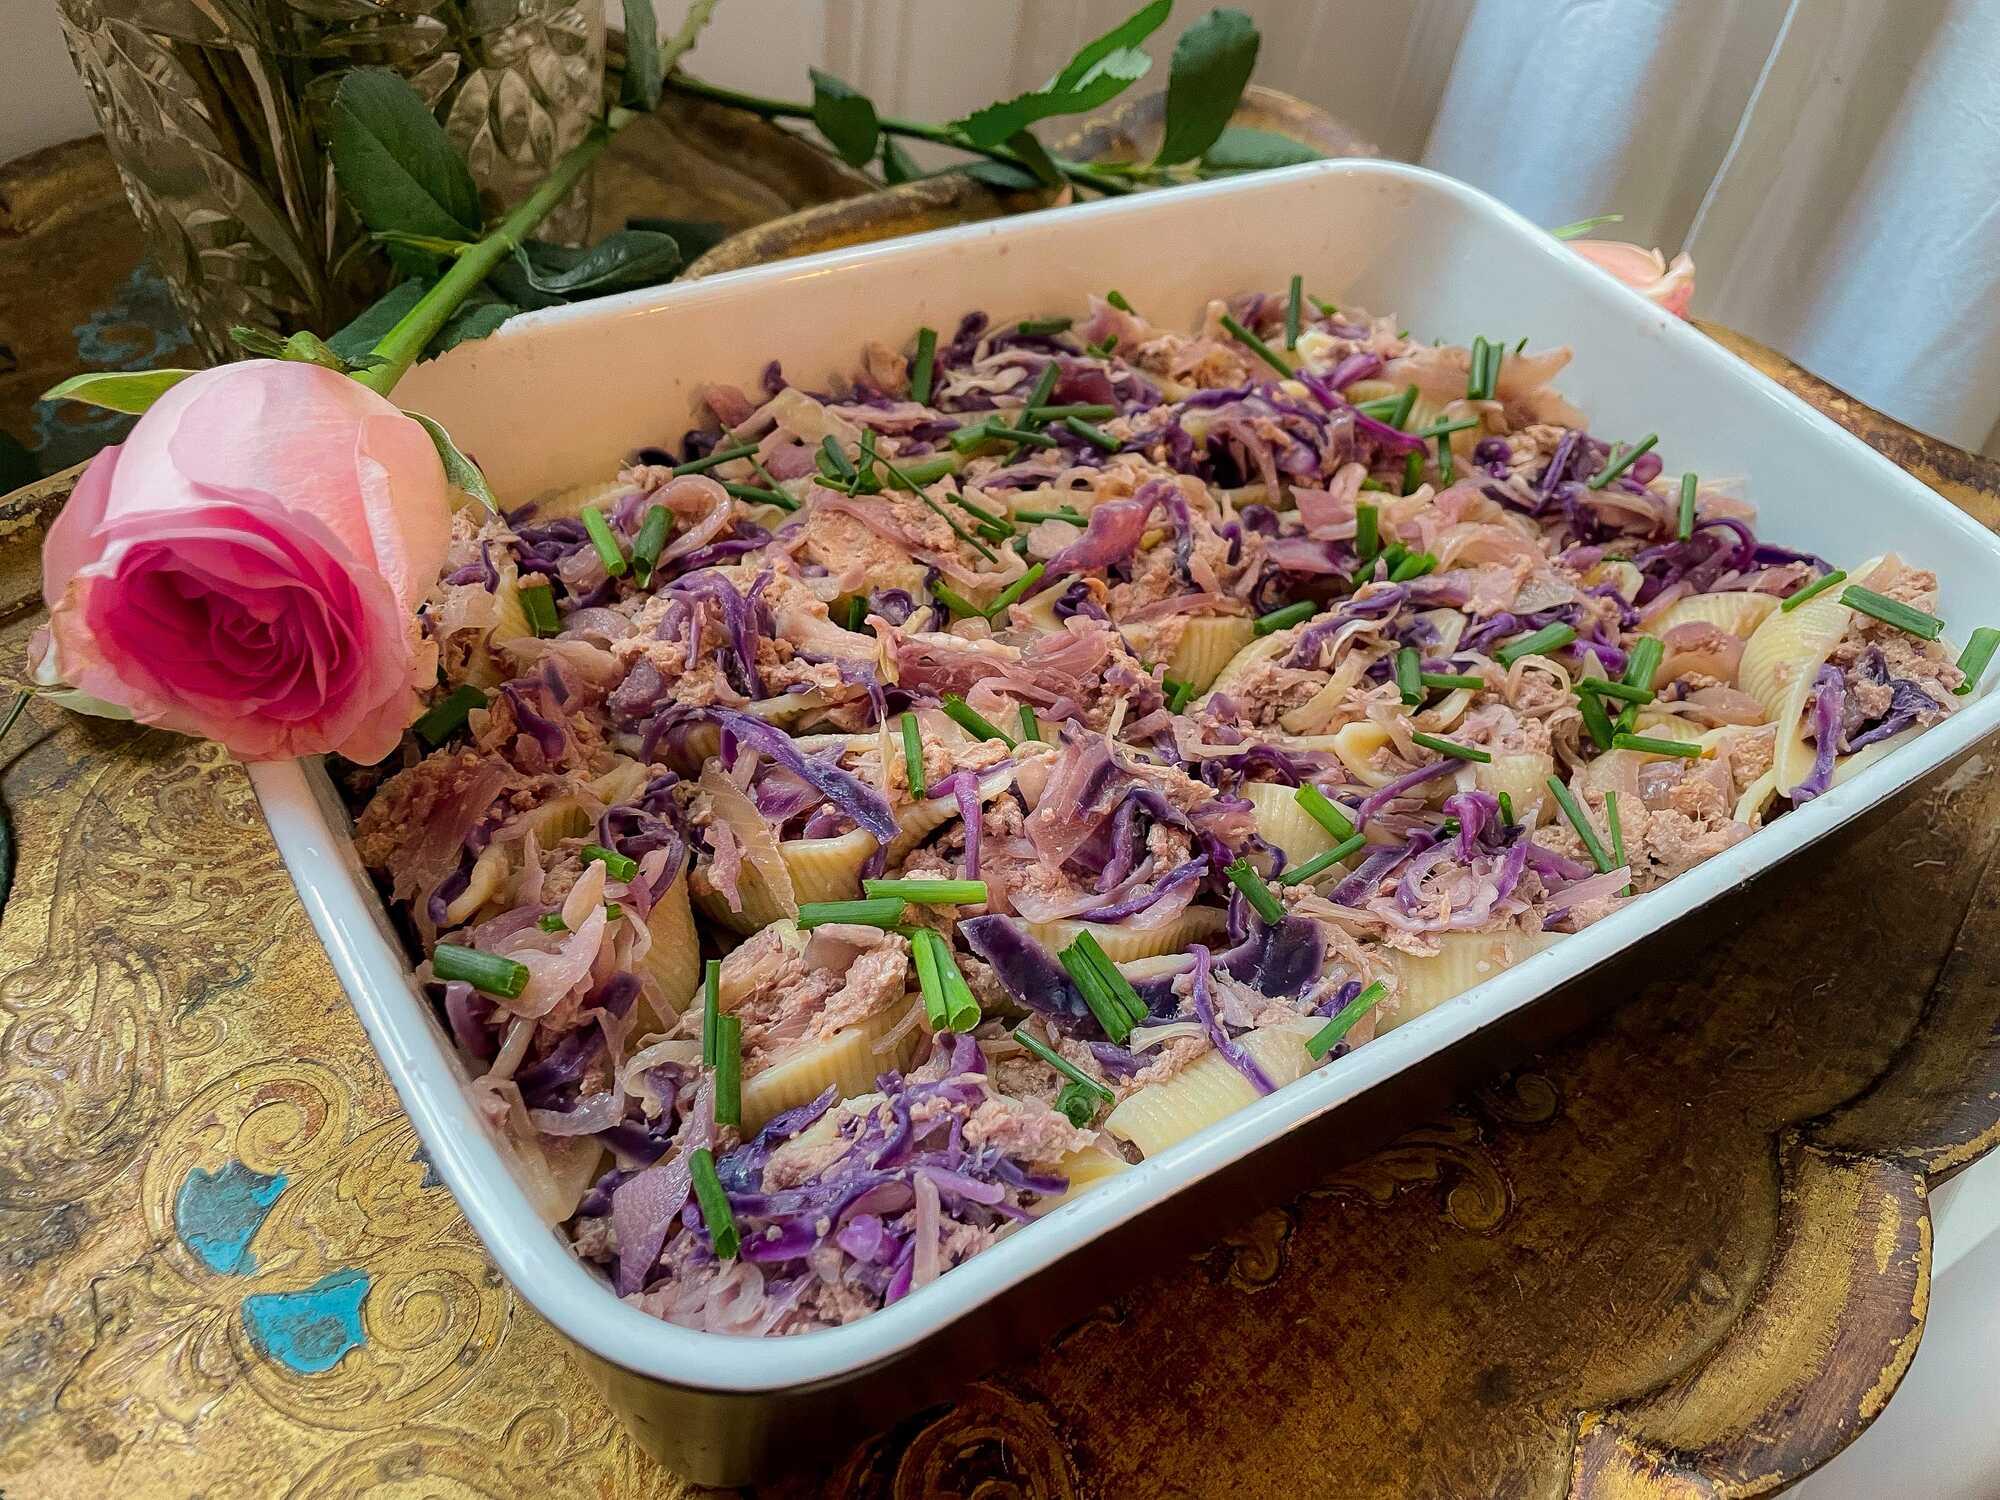 Les conchiglionis sont fourrées avec du thon et du chou rouge dans un plat à gratin. Avec en décoration des roses.